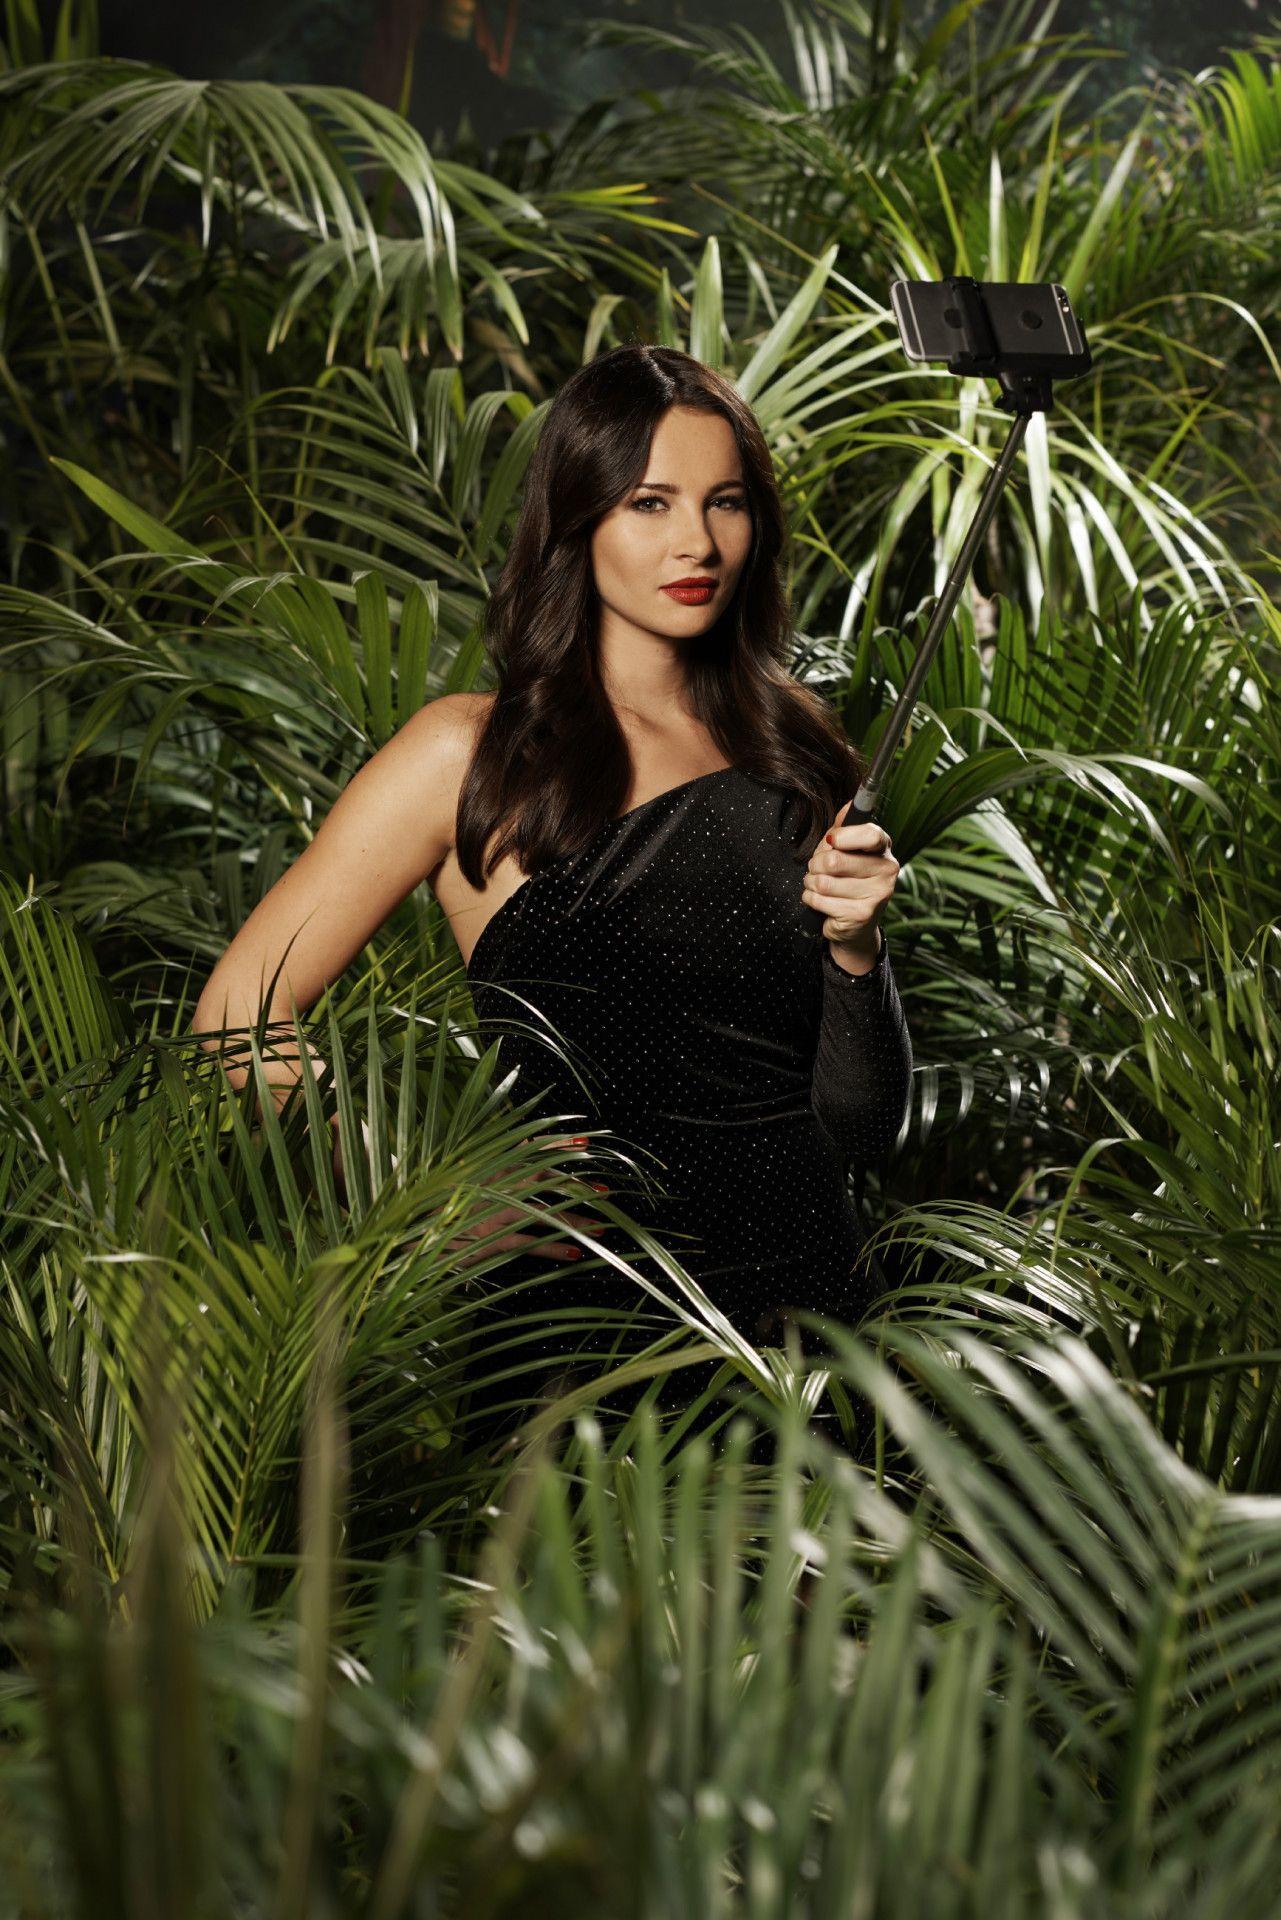 """Nicole Mieth bringt als Schauspielerin beste Voraussetzungen für den Dschungel mit: """"Ich habe schon mal getrocknete Seidenraupen gegessen."""""""